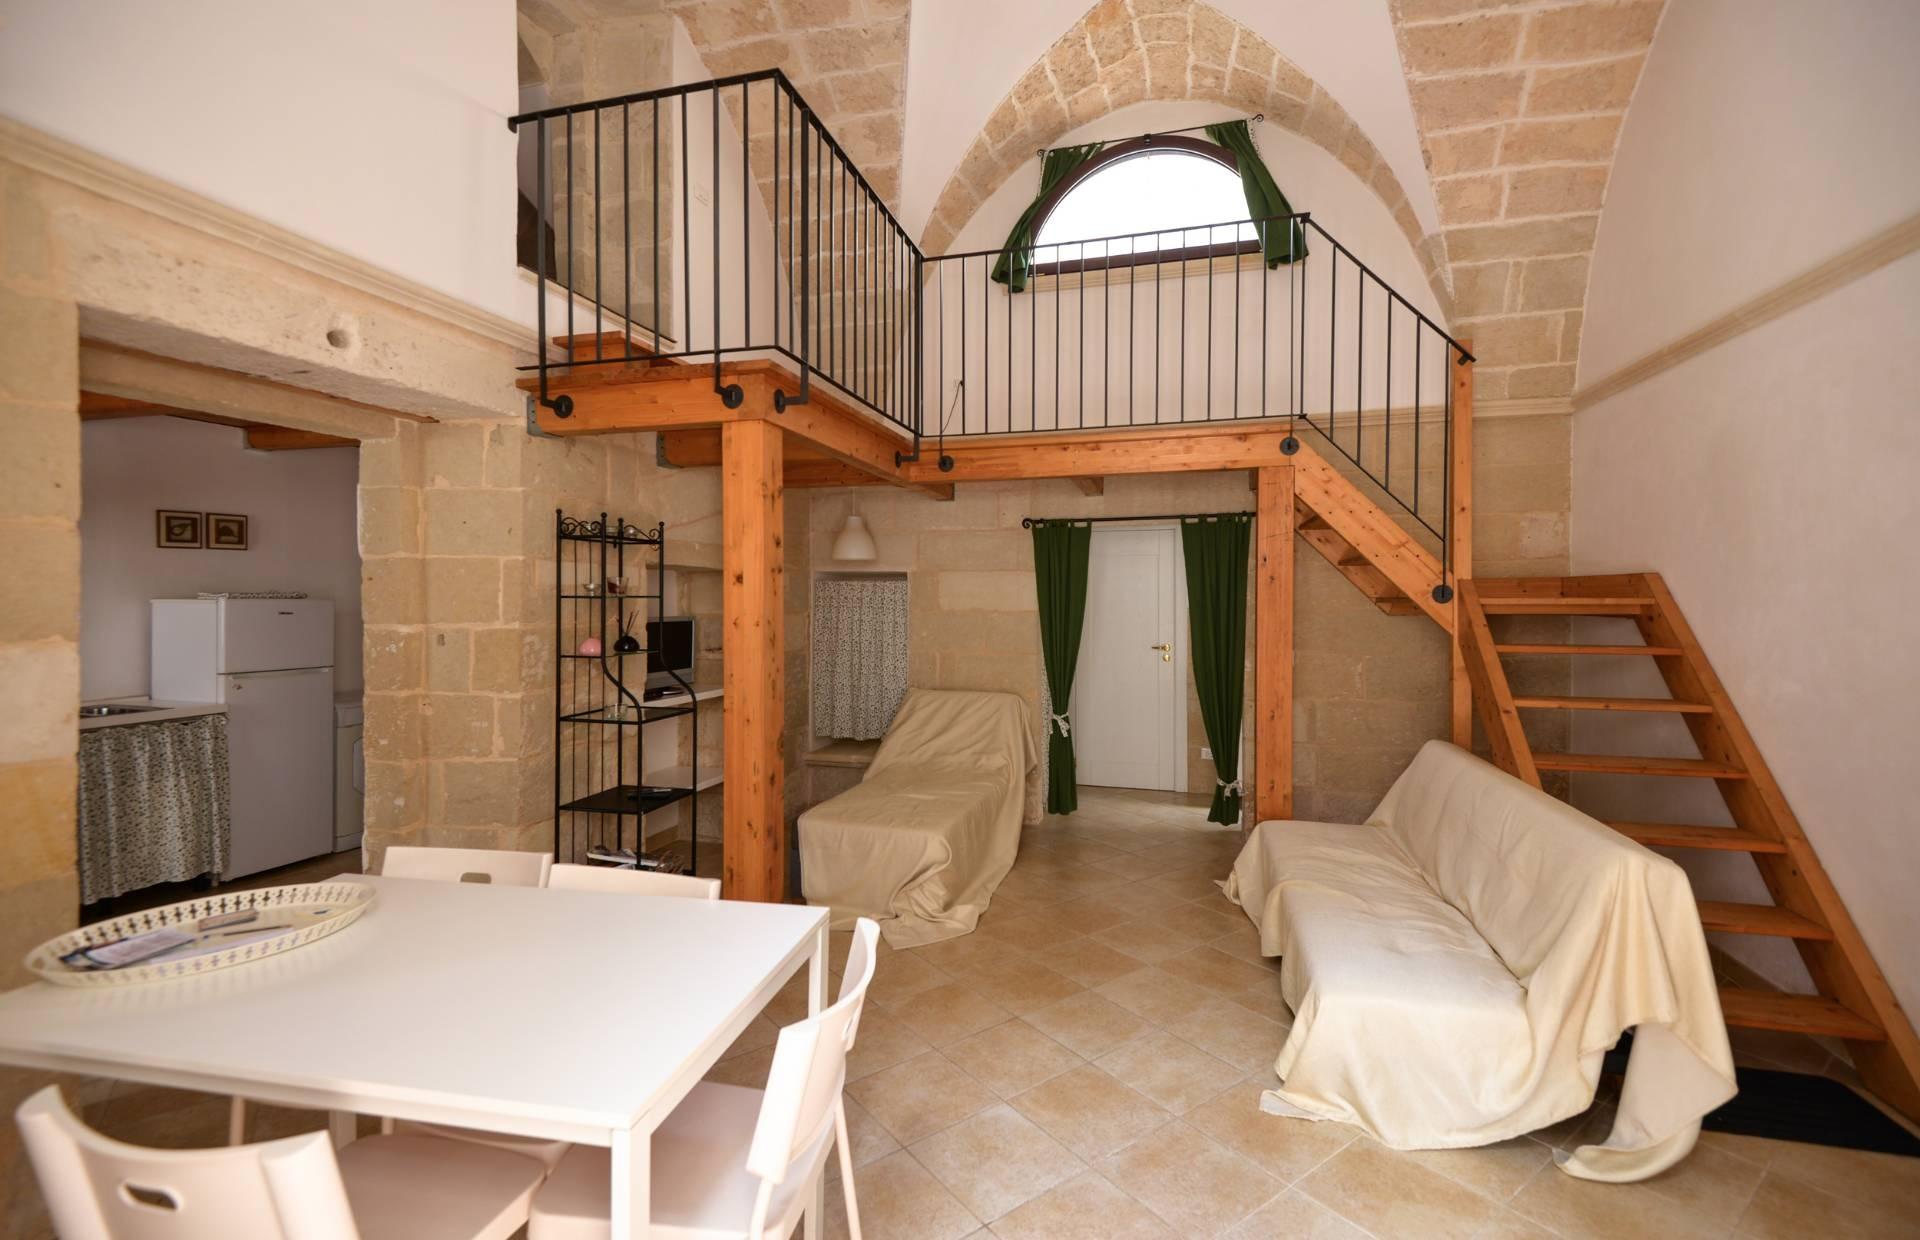 Appartamento in vendita a Maglie, 2 locali, prezzo € 80.000 | CambioCasa.it